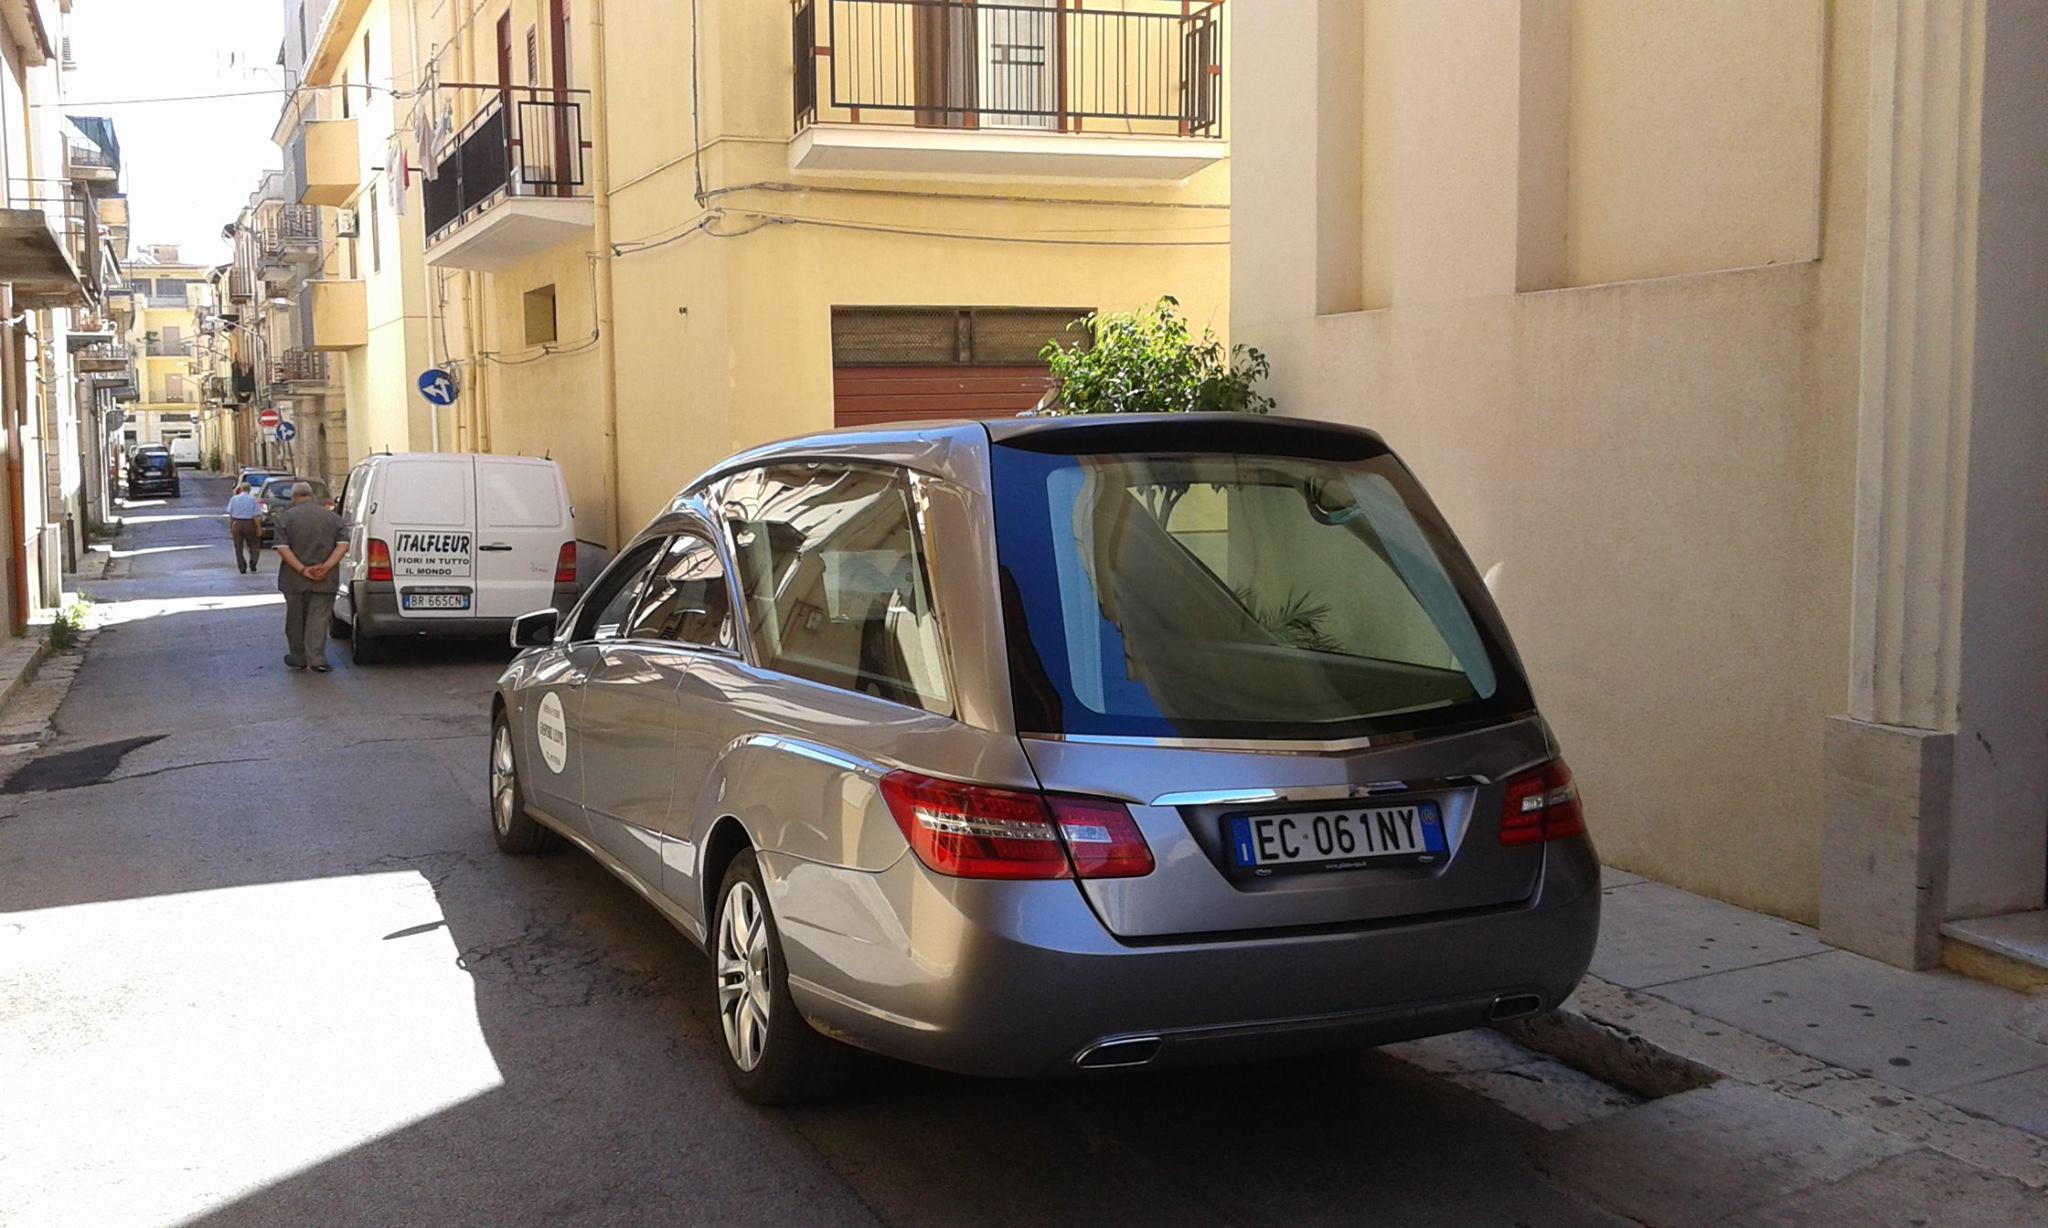 un carro funebre parcheggiato in un vicolo cittadino visto dal dietro